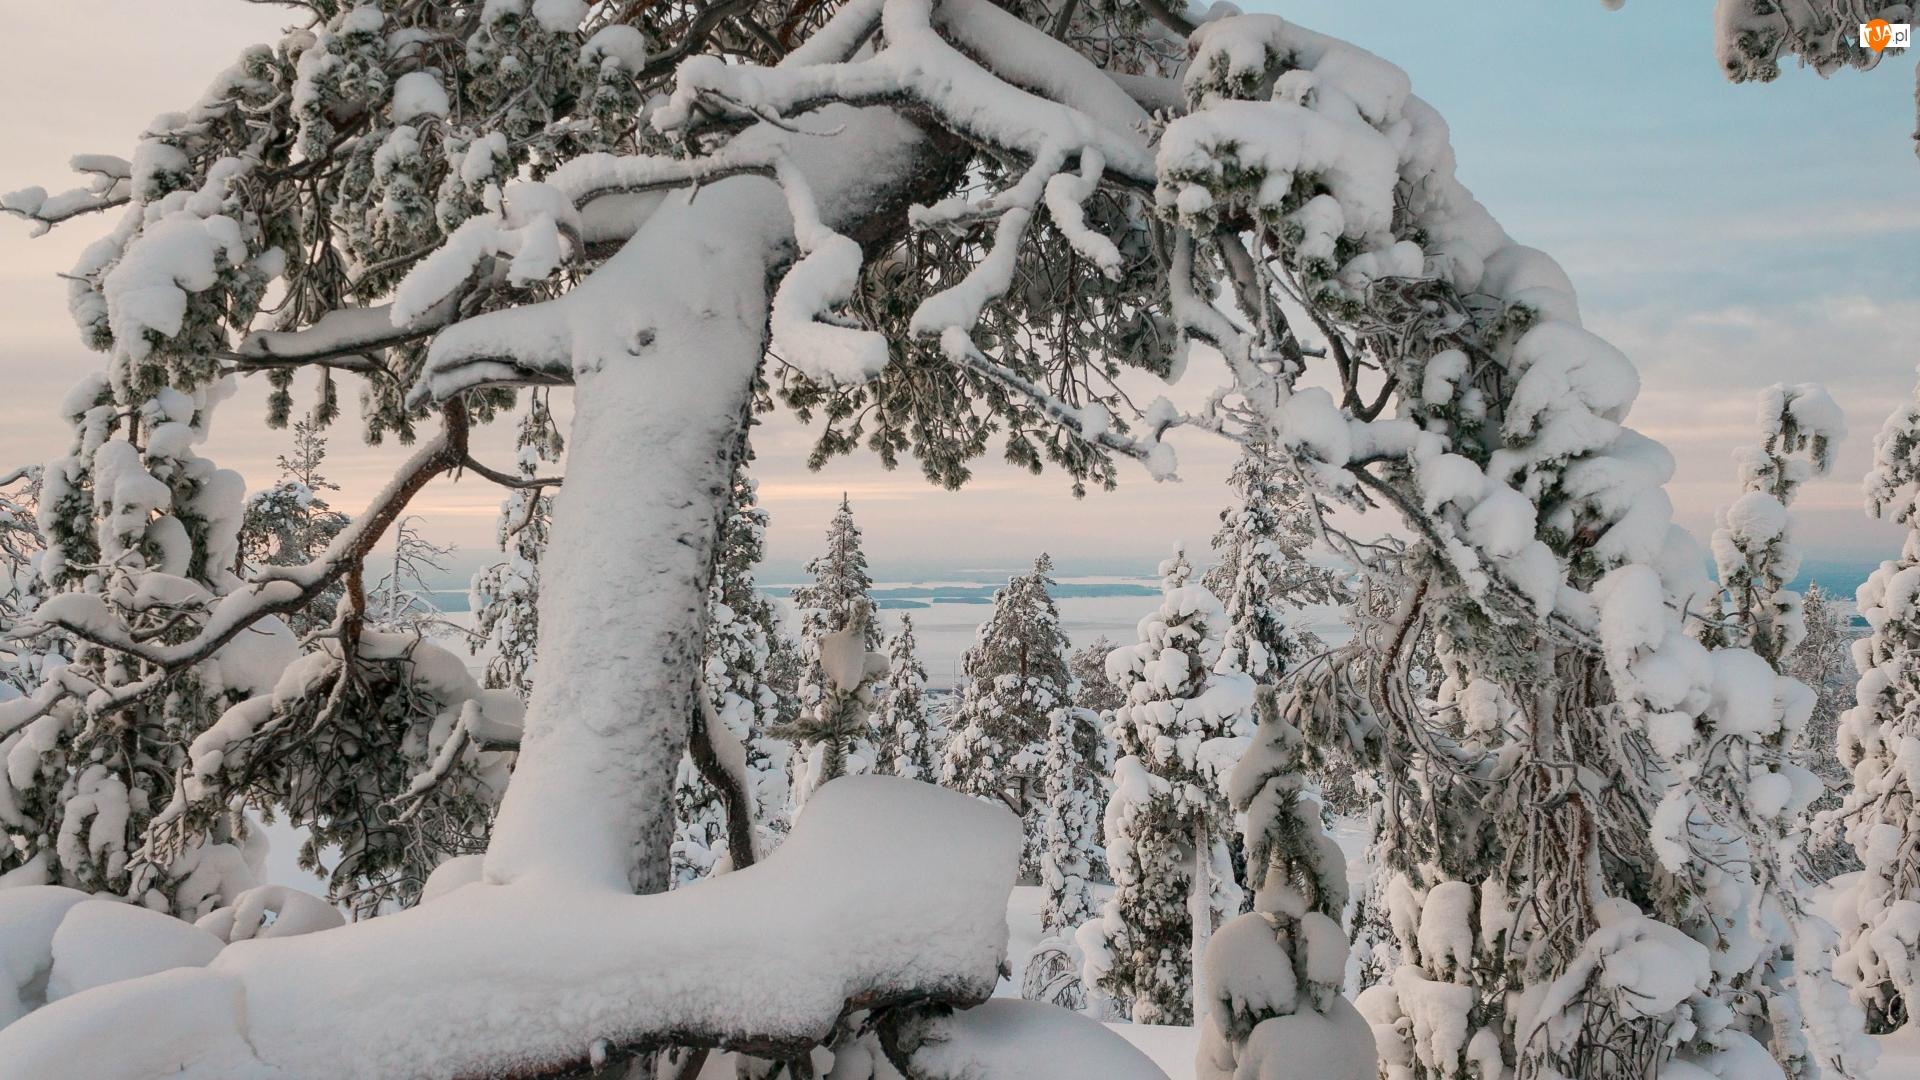 Śnieg, Zaśnieżone, Drzewa, Zima